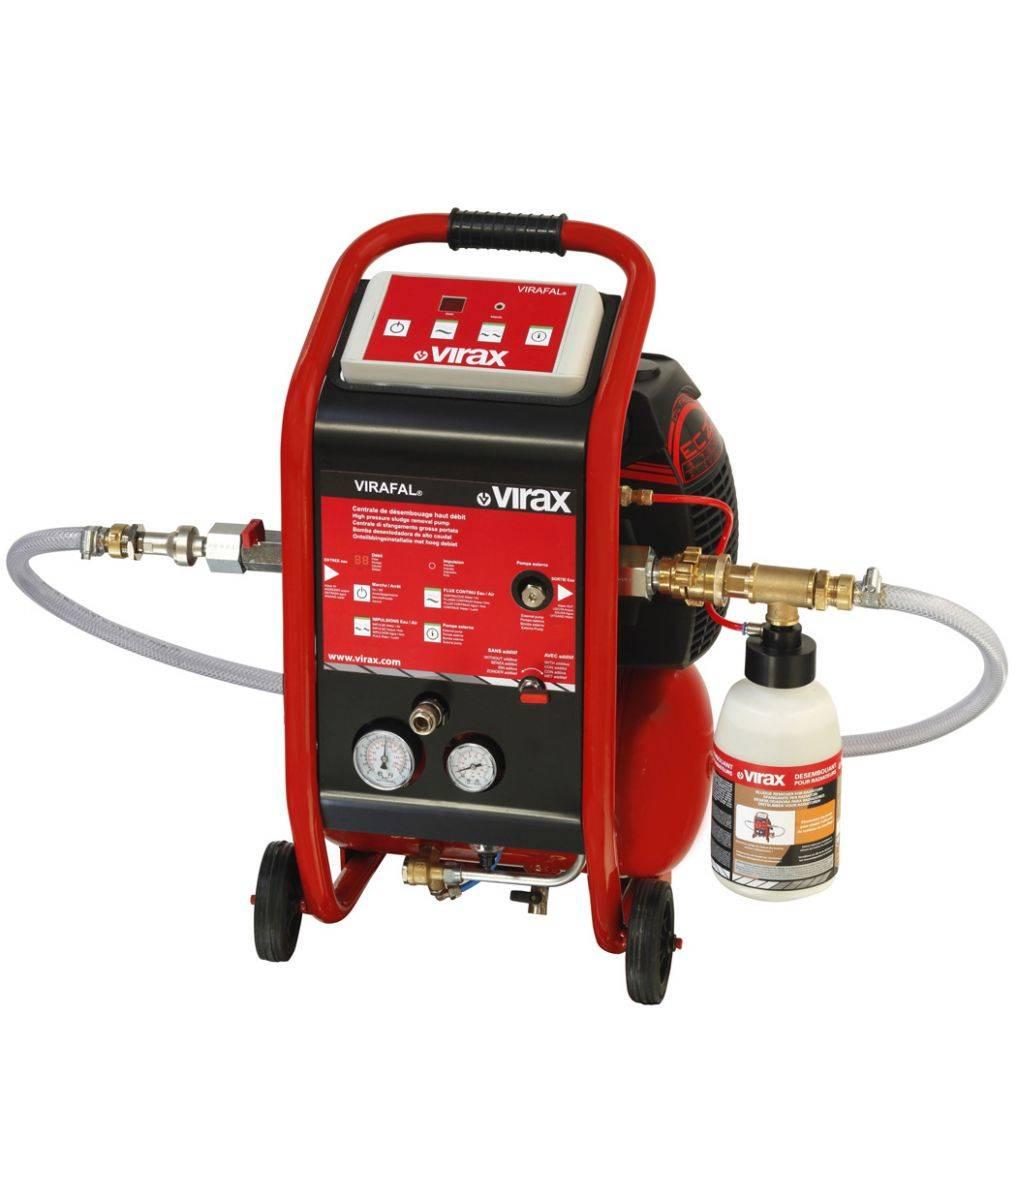 Оборудование для промывки систем отопления, компрессор, гидропромывка